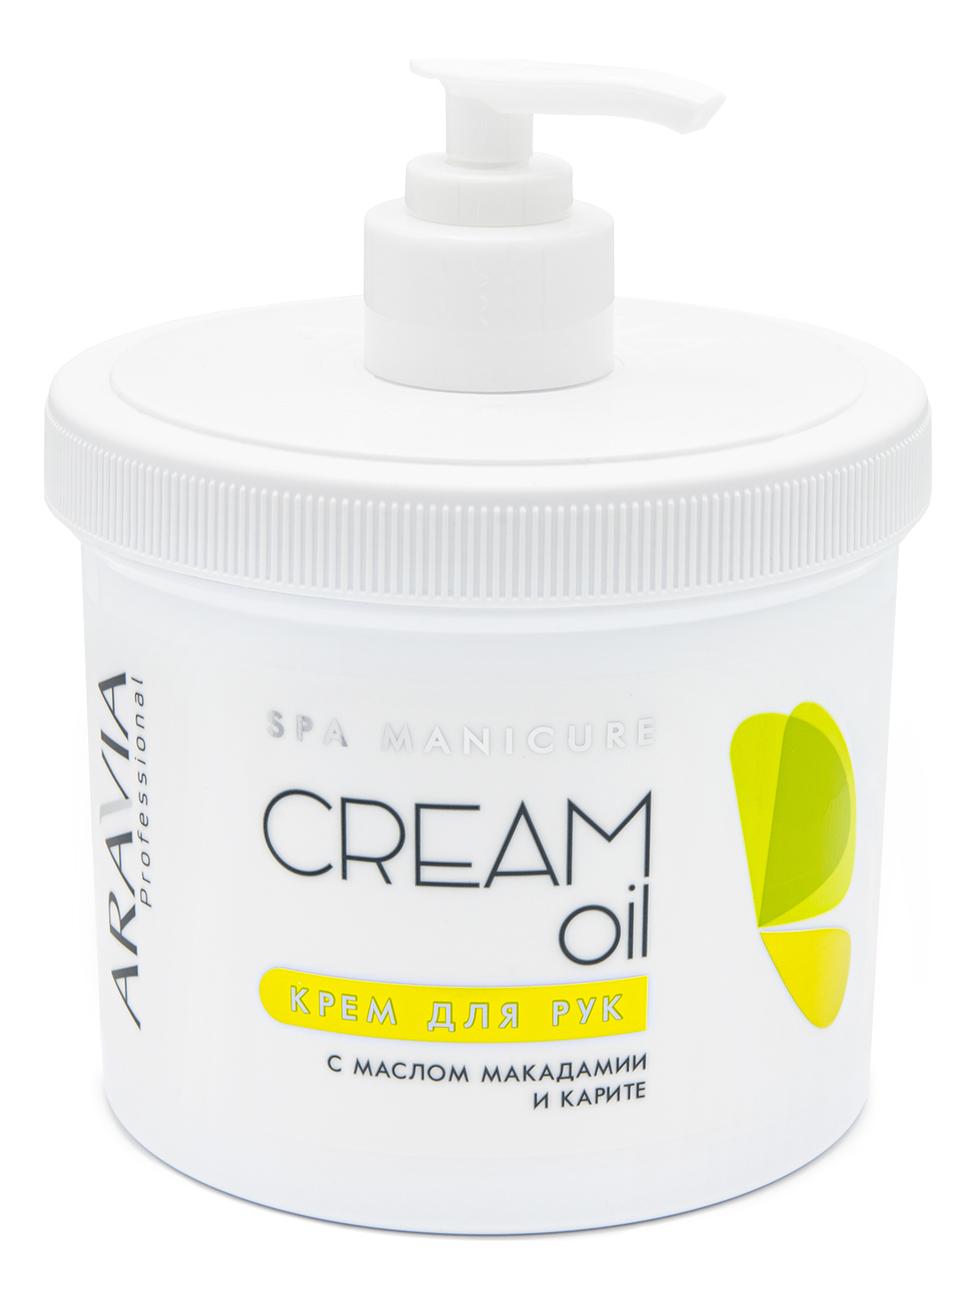 Купить Крем для рук с маслом макадамии и карите Professional Cream Oil: Крем 550мл, Aravia